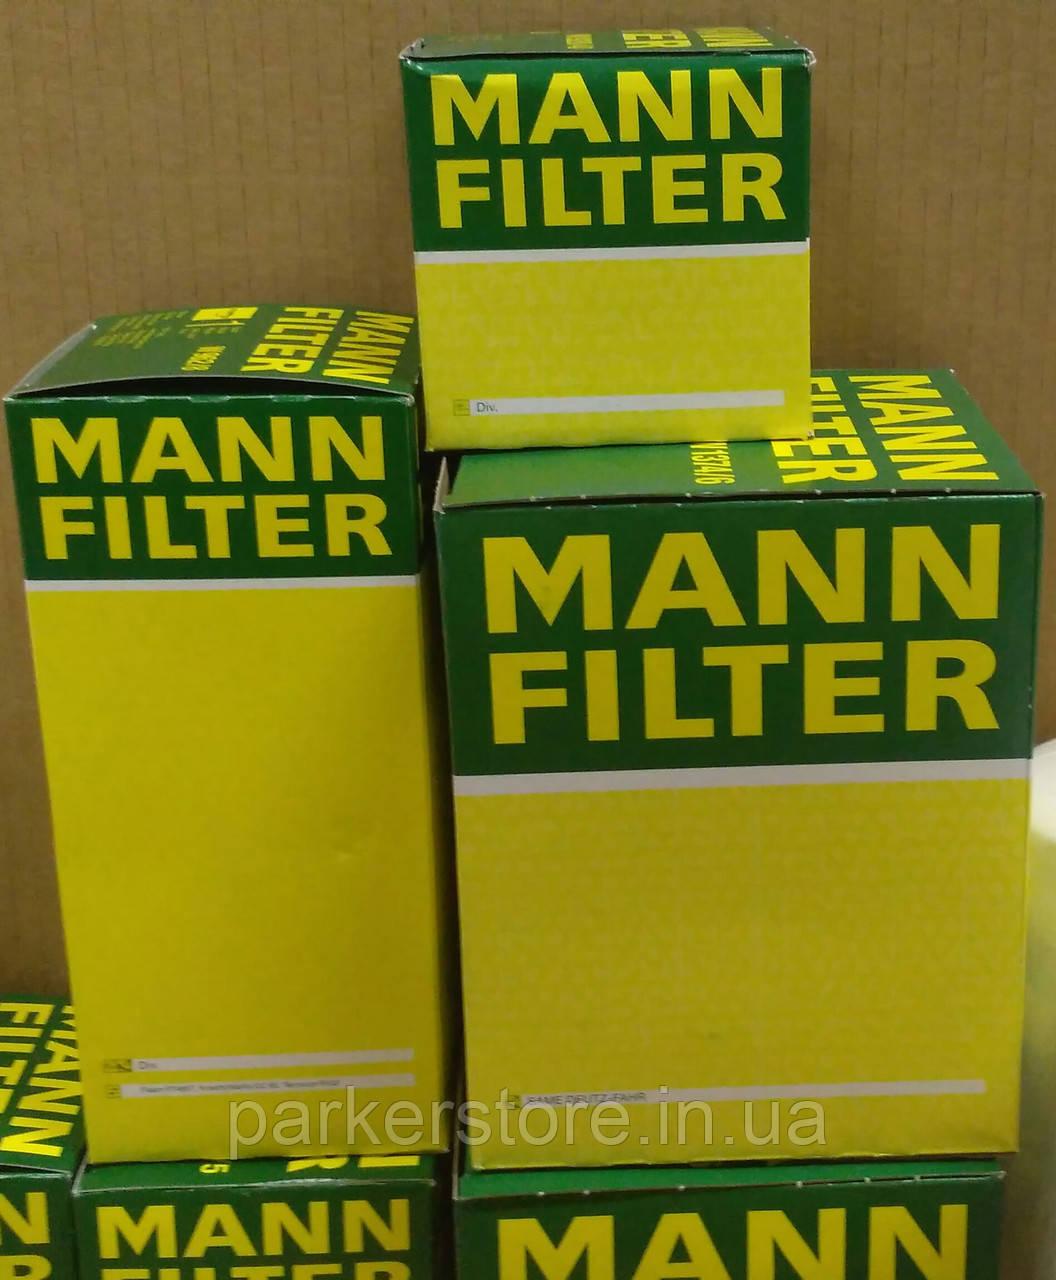 MANN FILTER / Воздушный фильтр / C 29 008 / C29008